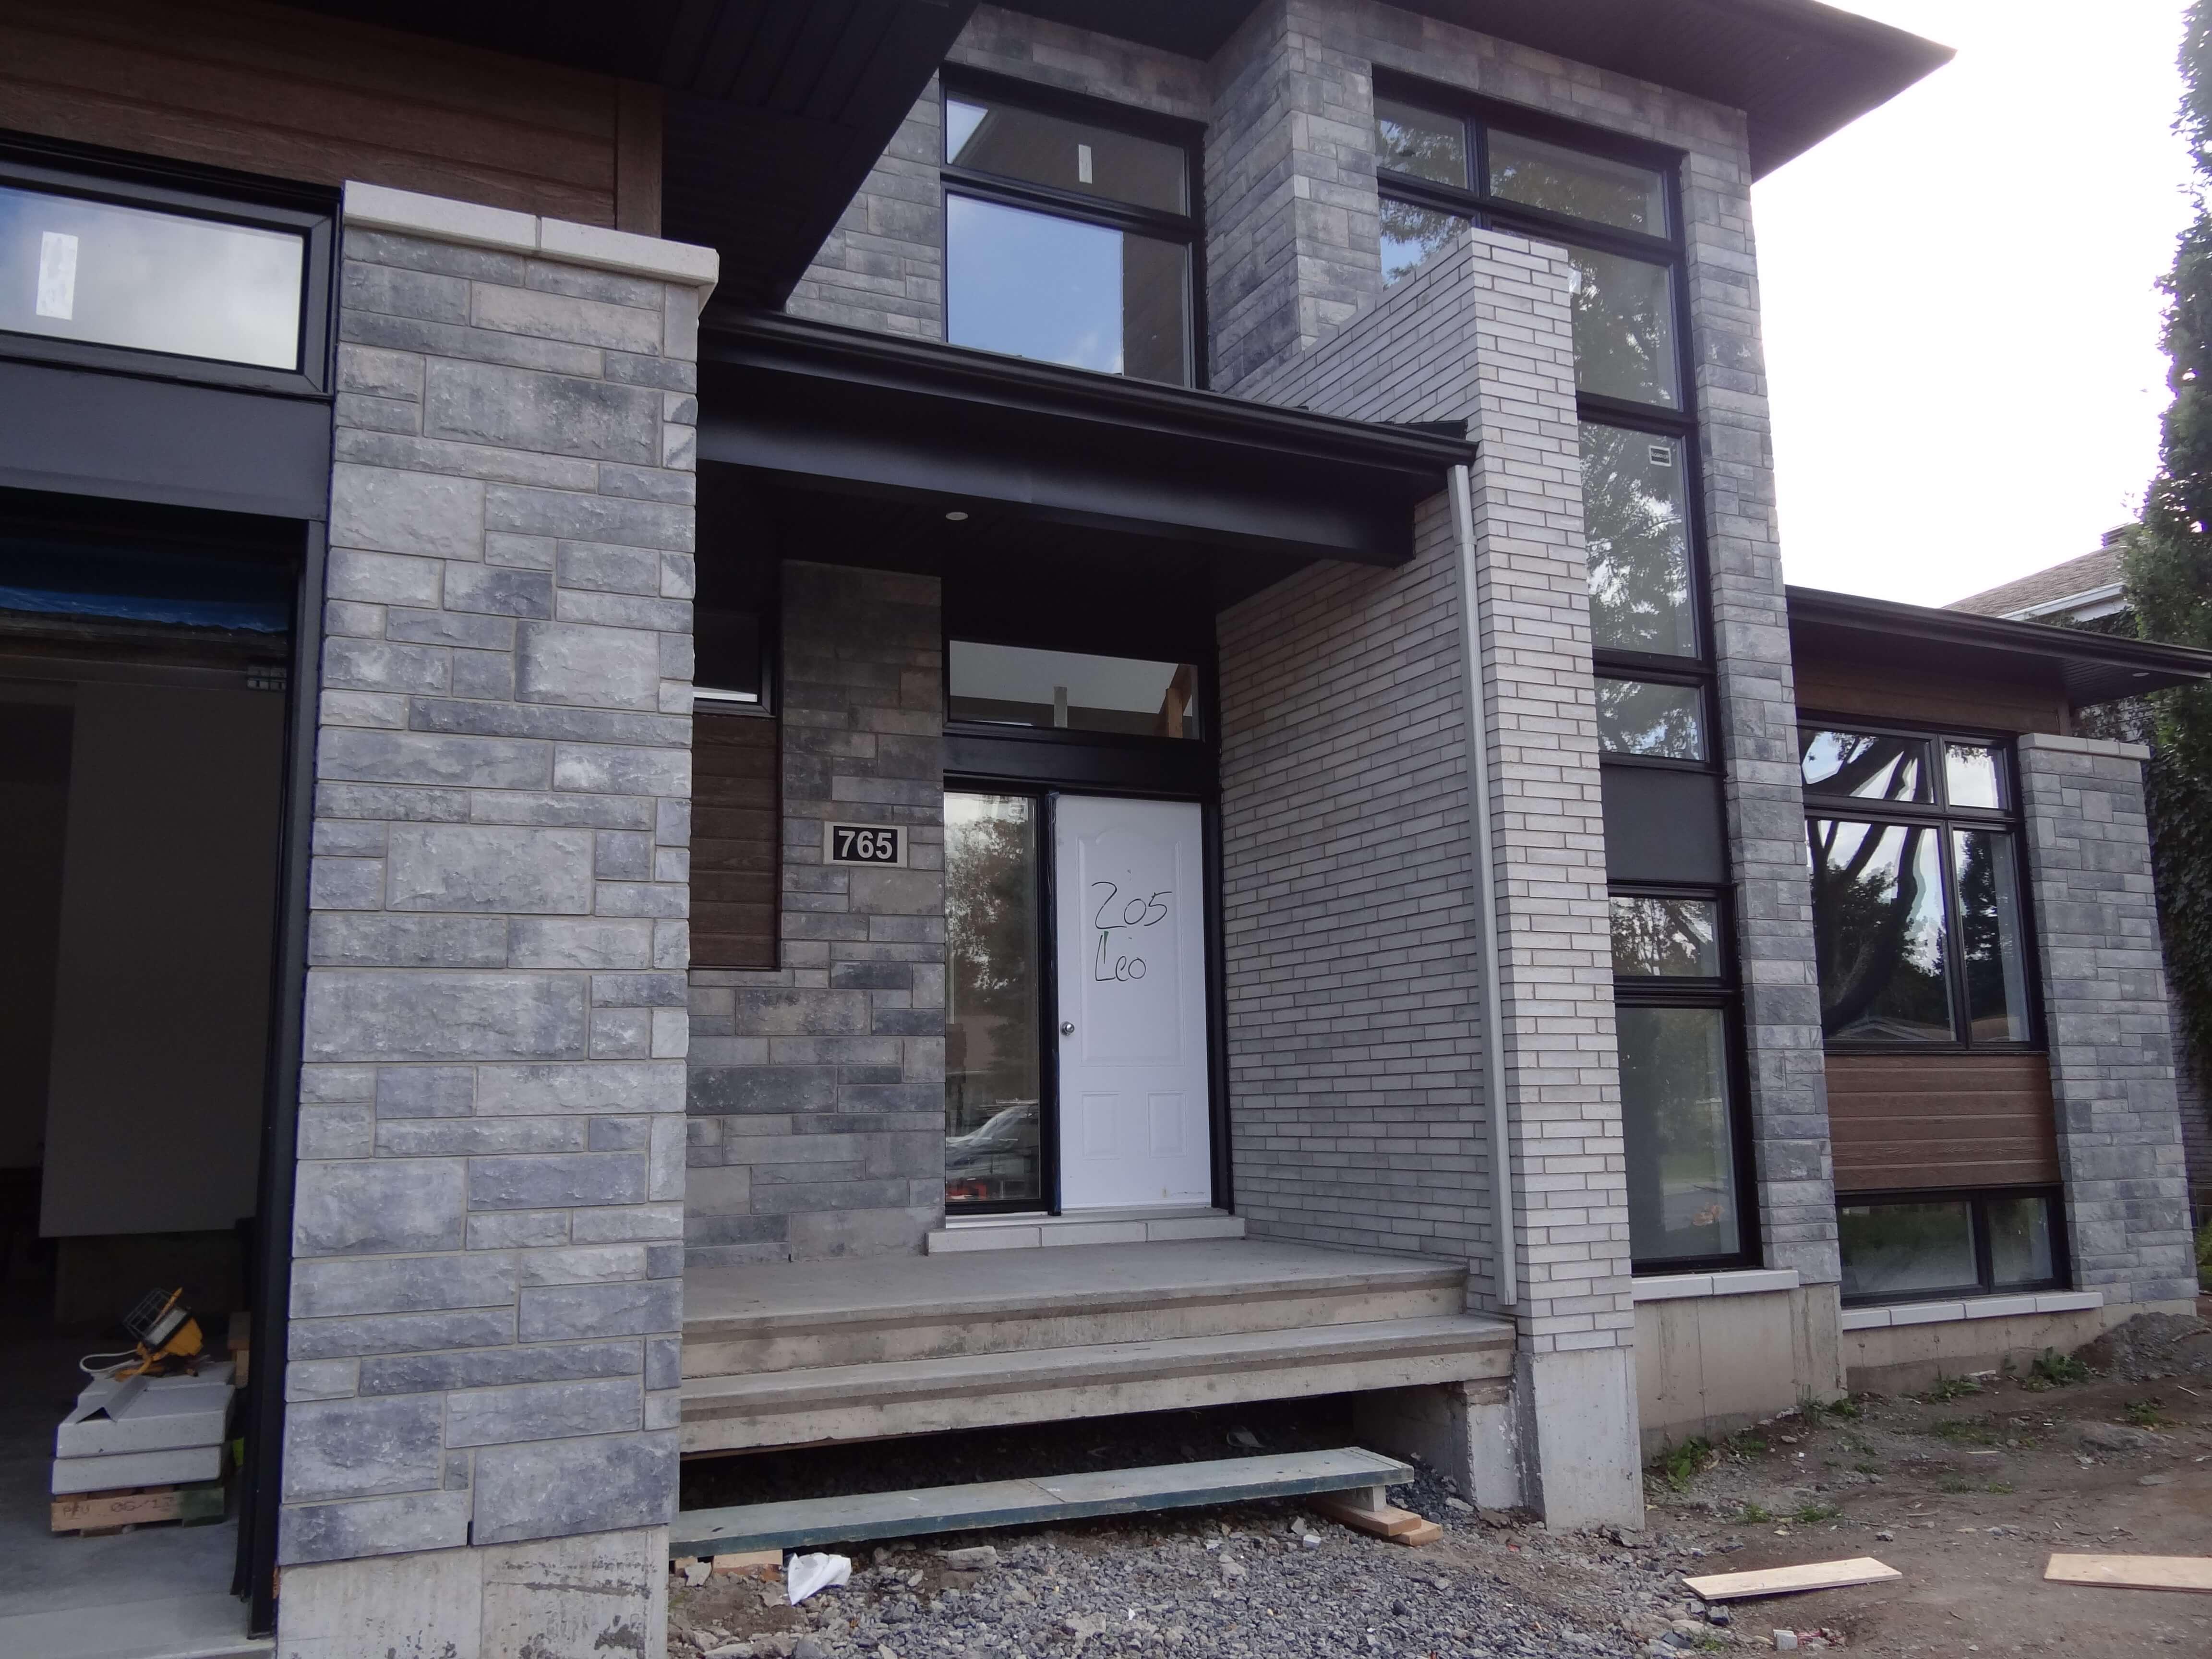 Habitations ÉnerGIK - Finition extérieure - mélange brique et pierre